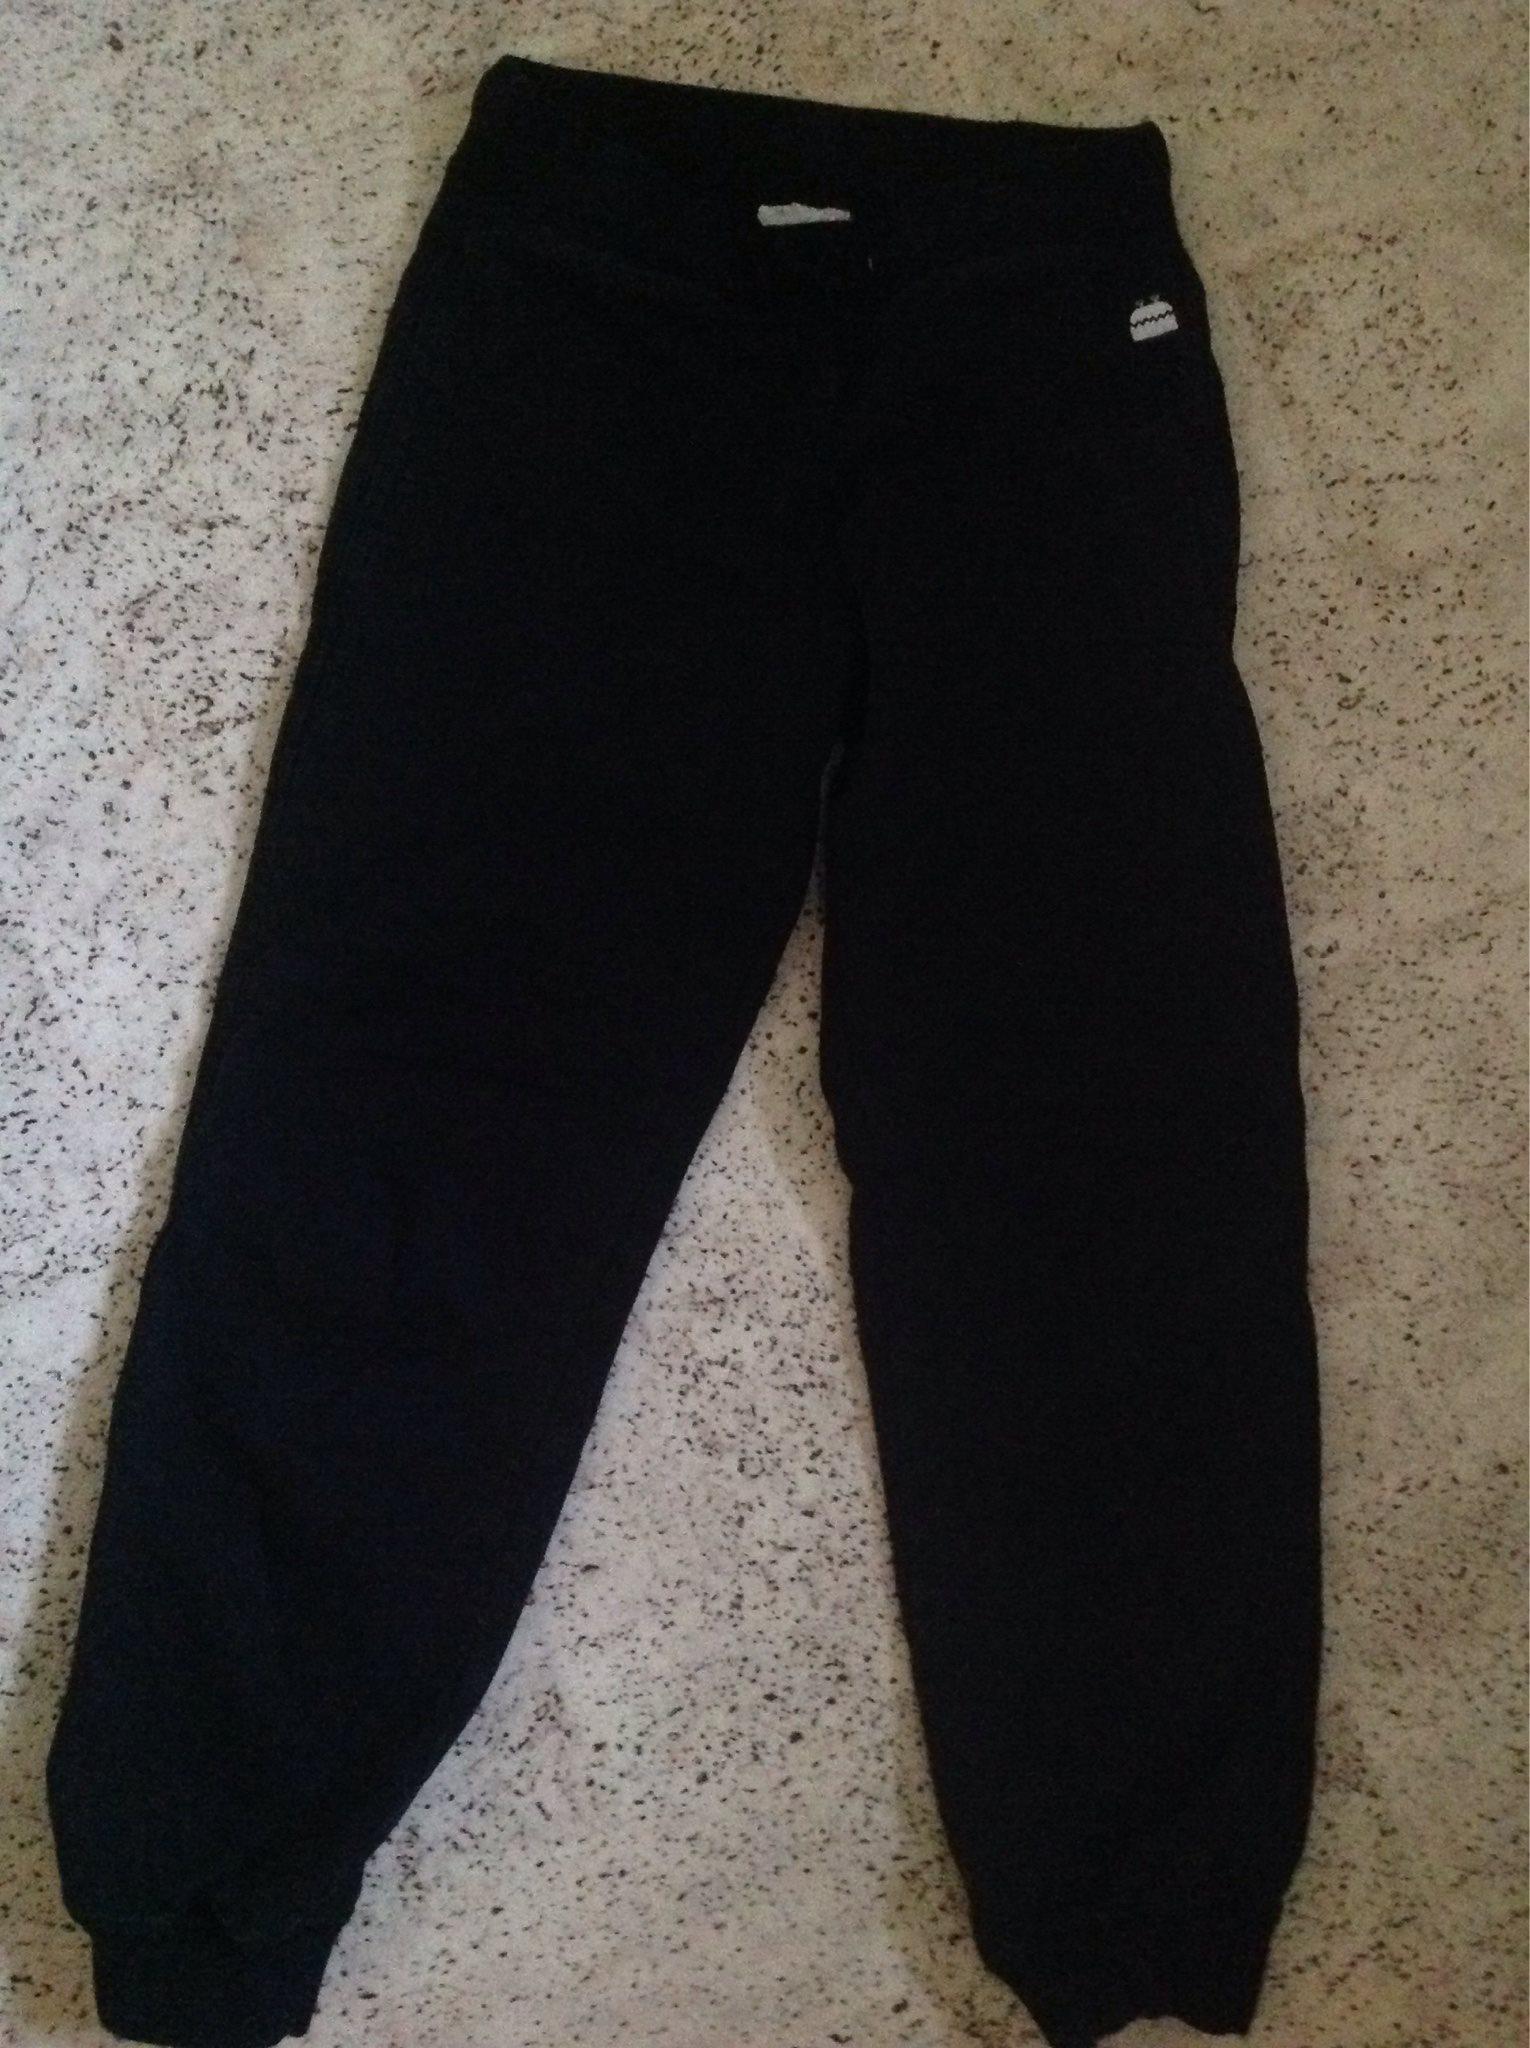 Svarta joggingbyxor i Stl 128 cm Kaxs (328004687) ᐈ Köp på Tradera 3f634b46b7239